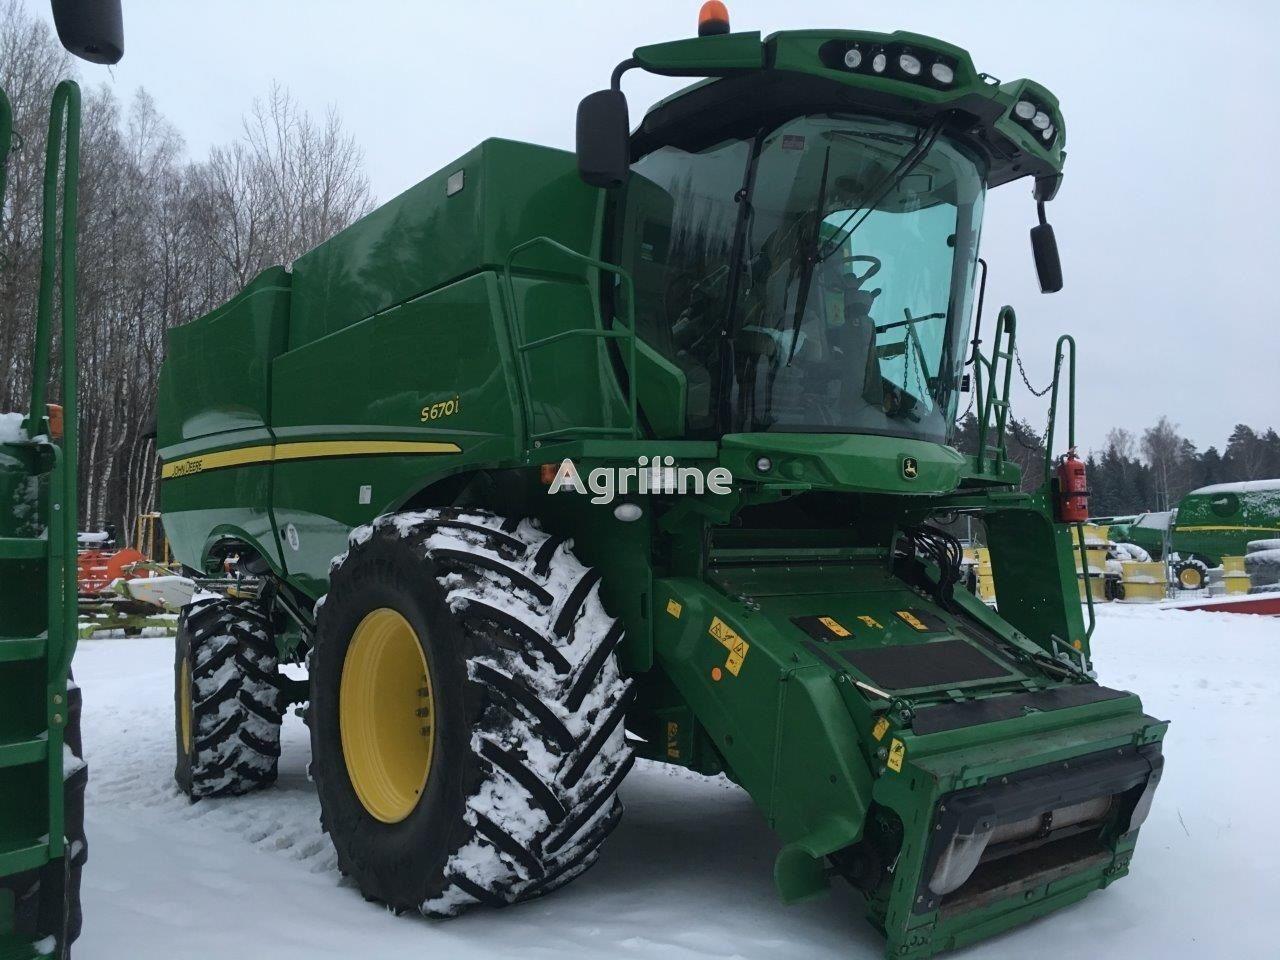 JOHN DEERE S670i combine-harvester